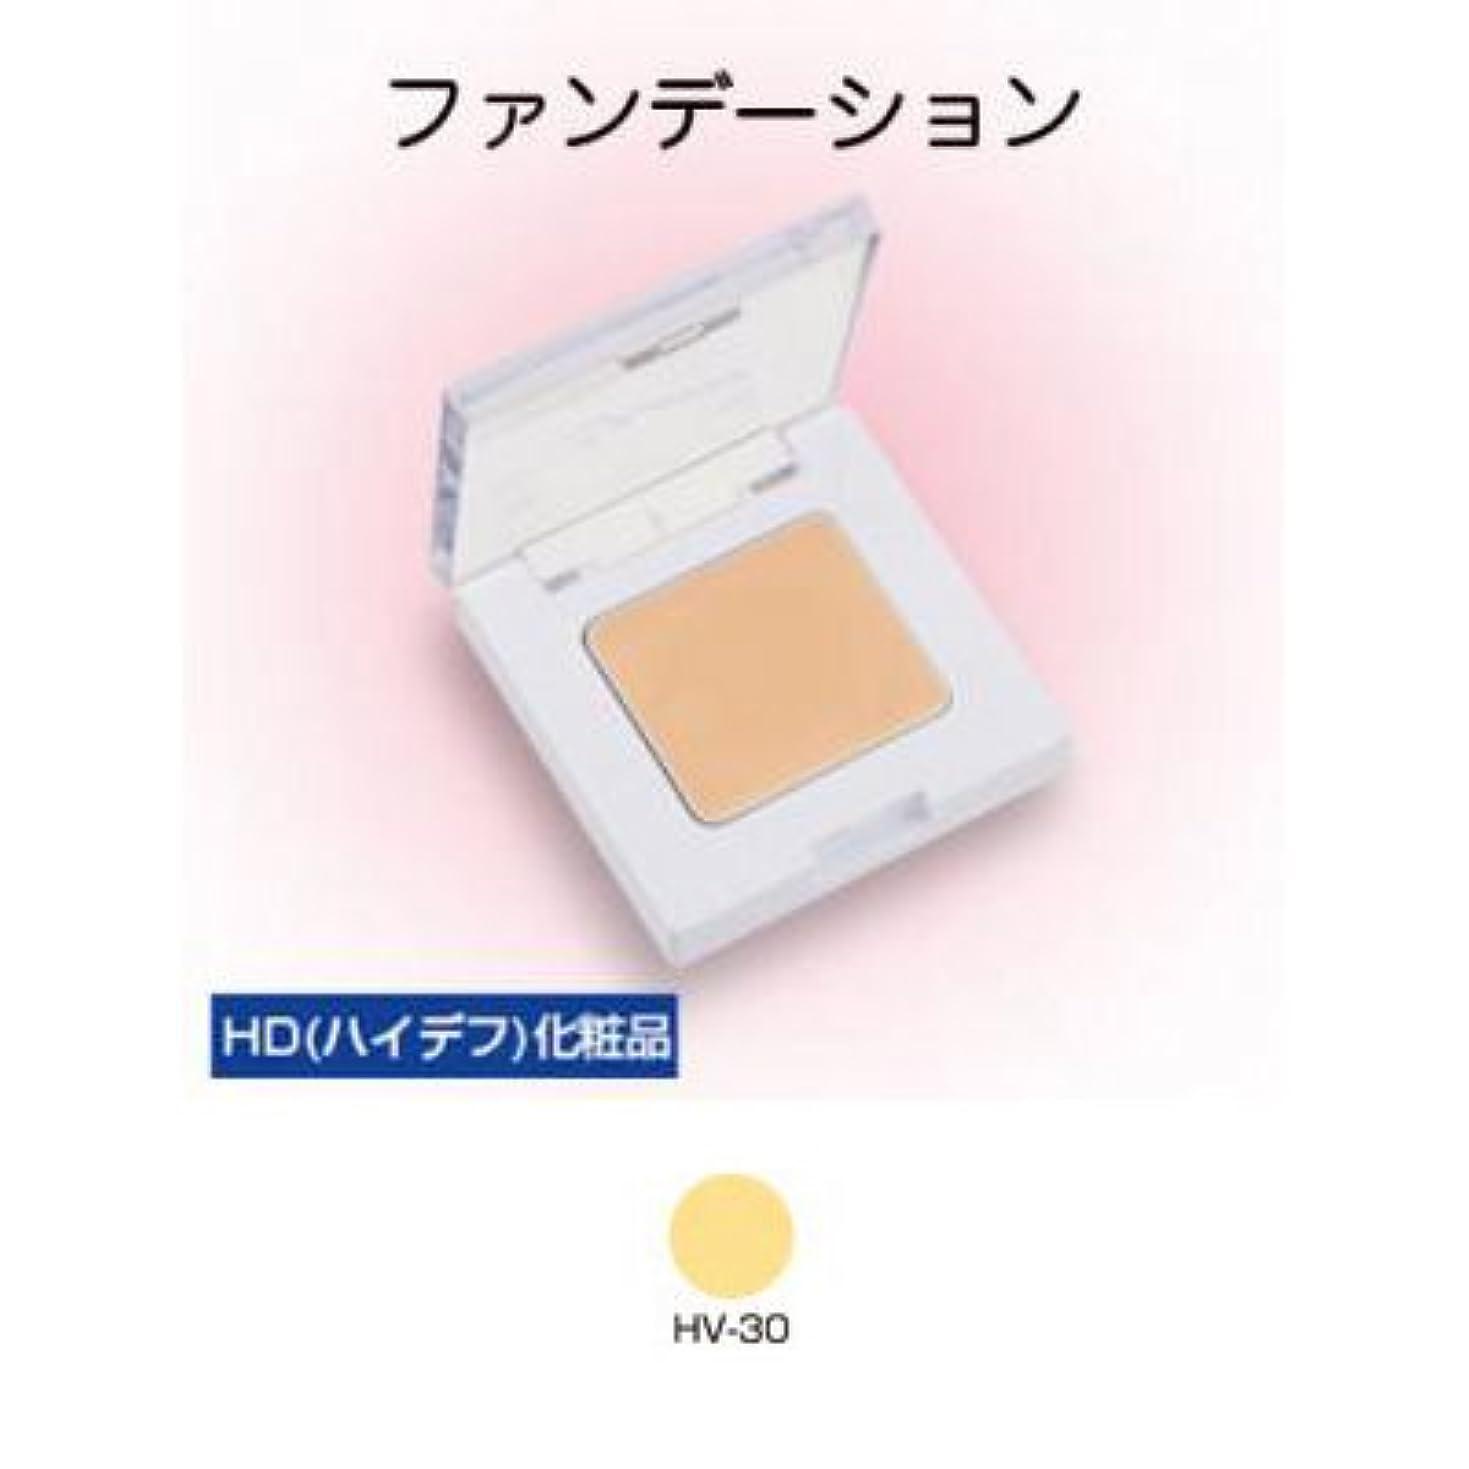 はさみ役員長方形シャレナ カバーファンデーション ミニ HV-30 【三善】